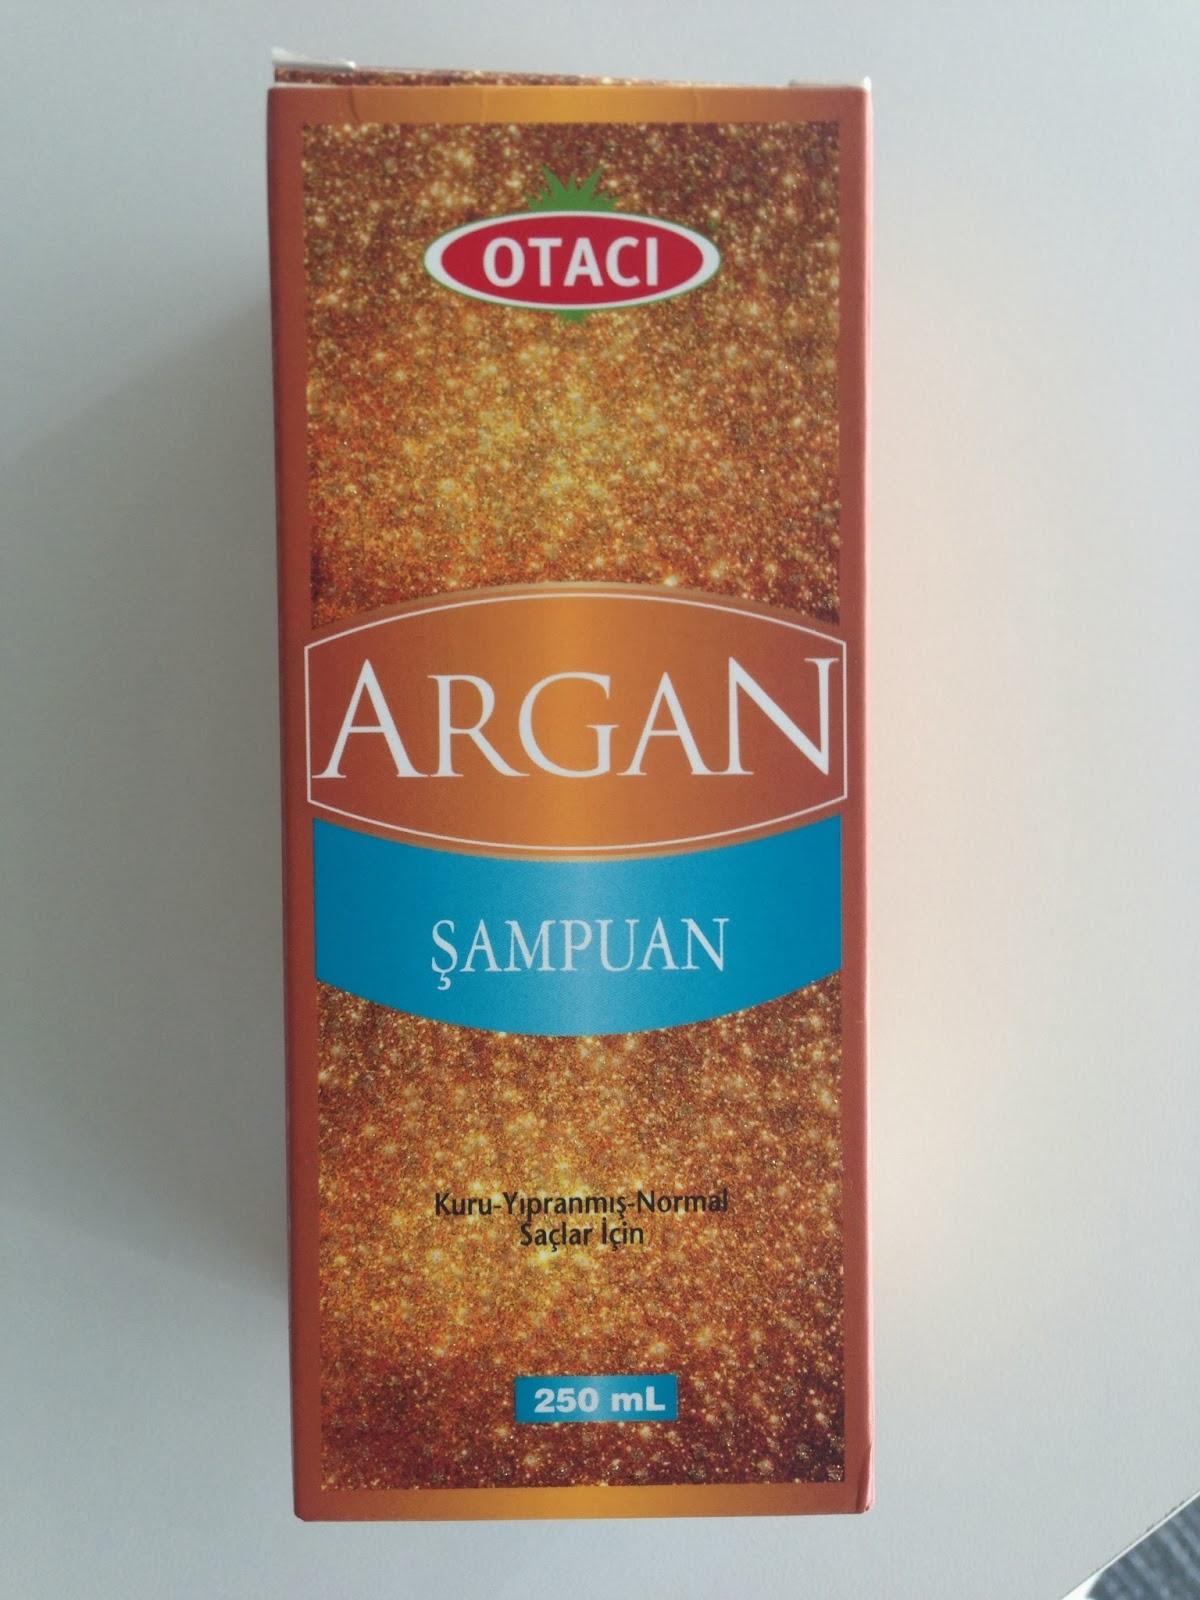 Argan Yağı Şampuana Ne Kadar Katılır